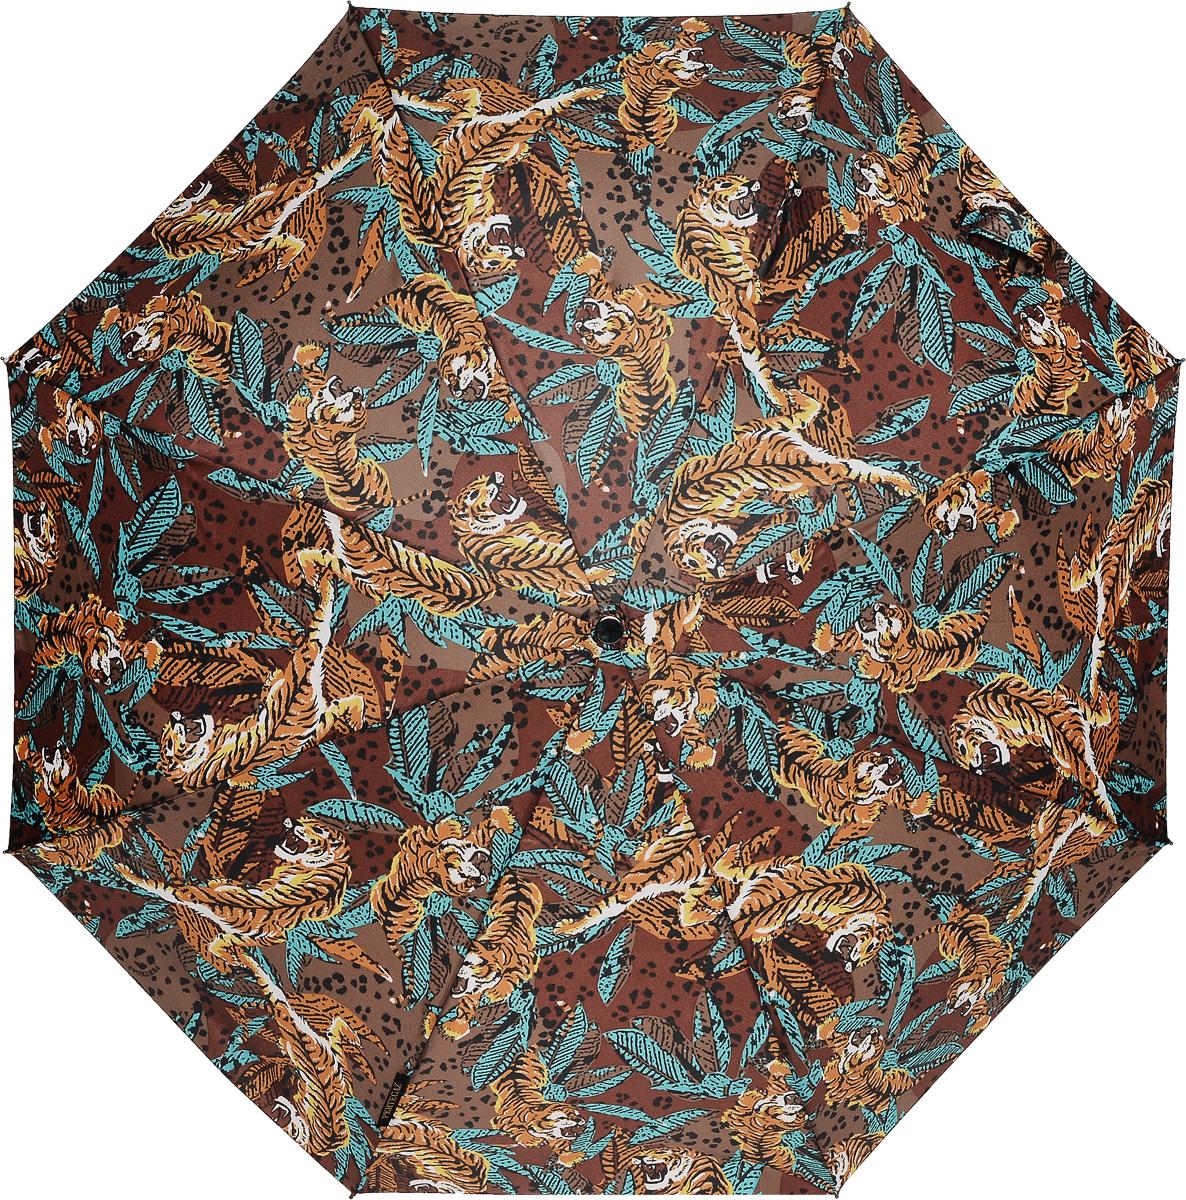 PERTEGAZ 85155-2 Зонт полный автом. 3 сл. жен.85155-2Зонт испанского производителя Clima. В производстве зонтов используются современные материалы, что делает зонты легкими, но в то же время крепкими.Полный автомат, 3 сложения, 8 спиц, полиэстер.